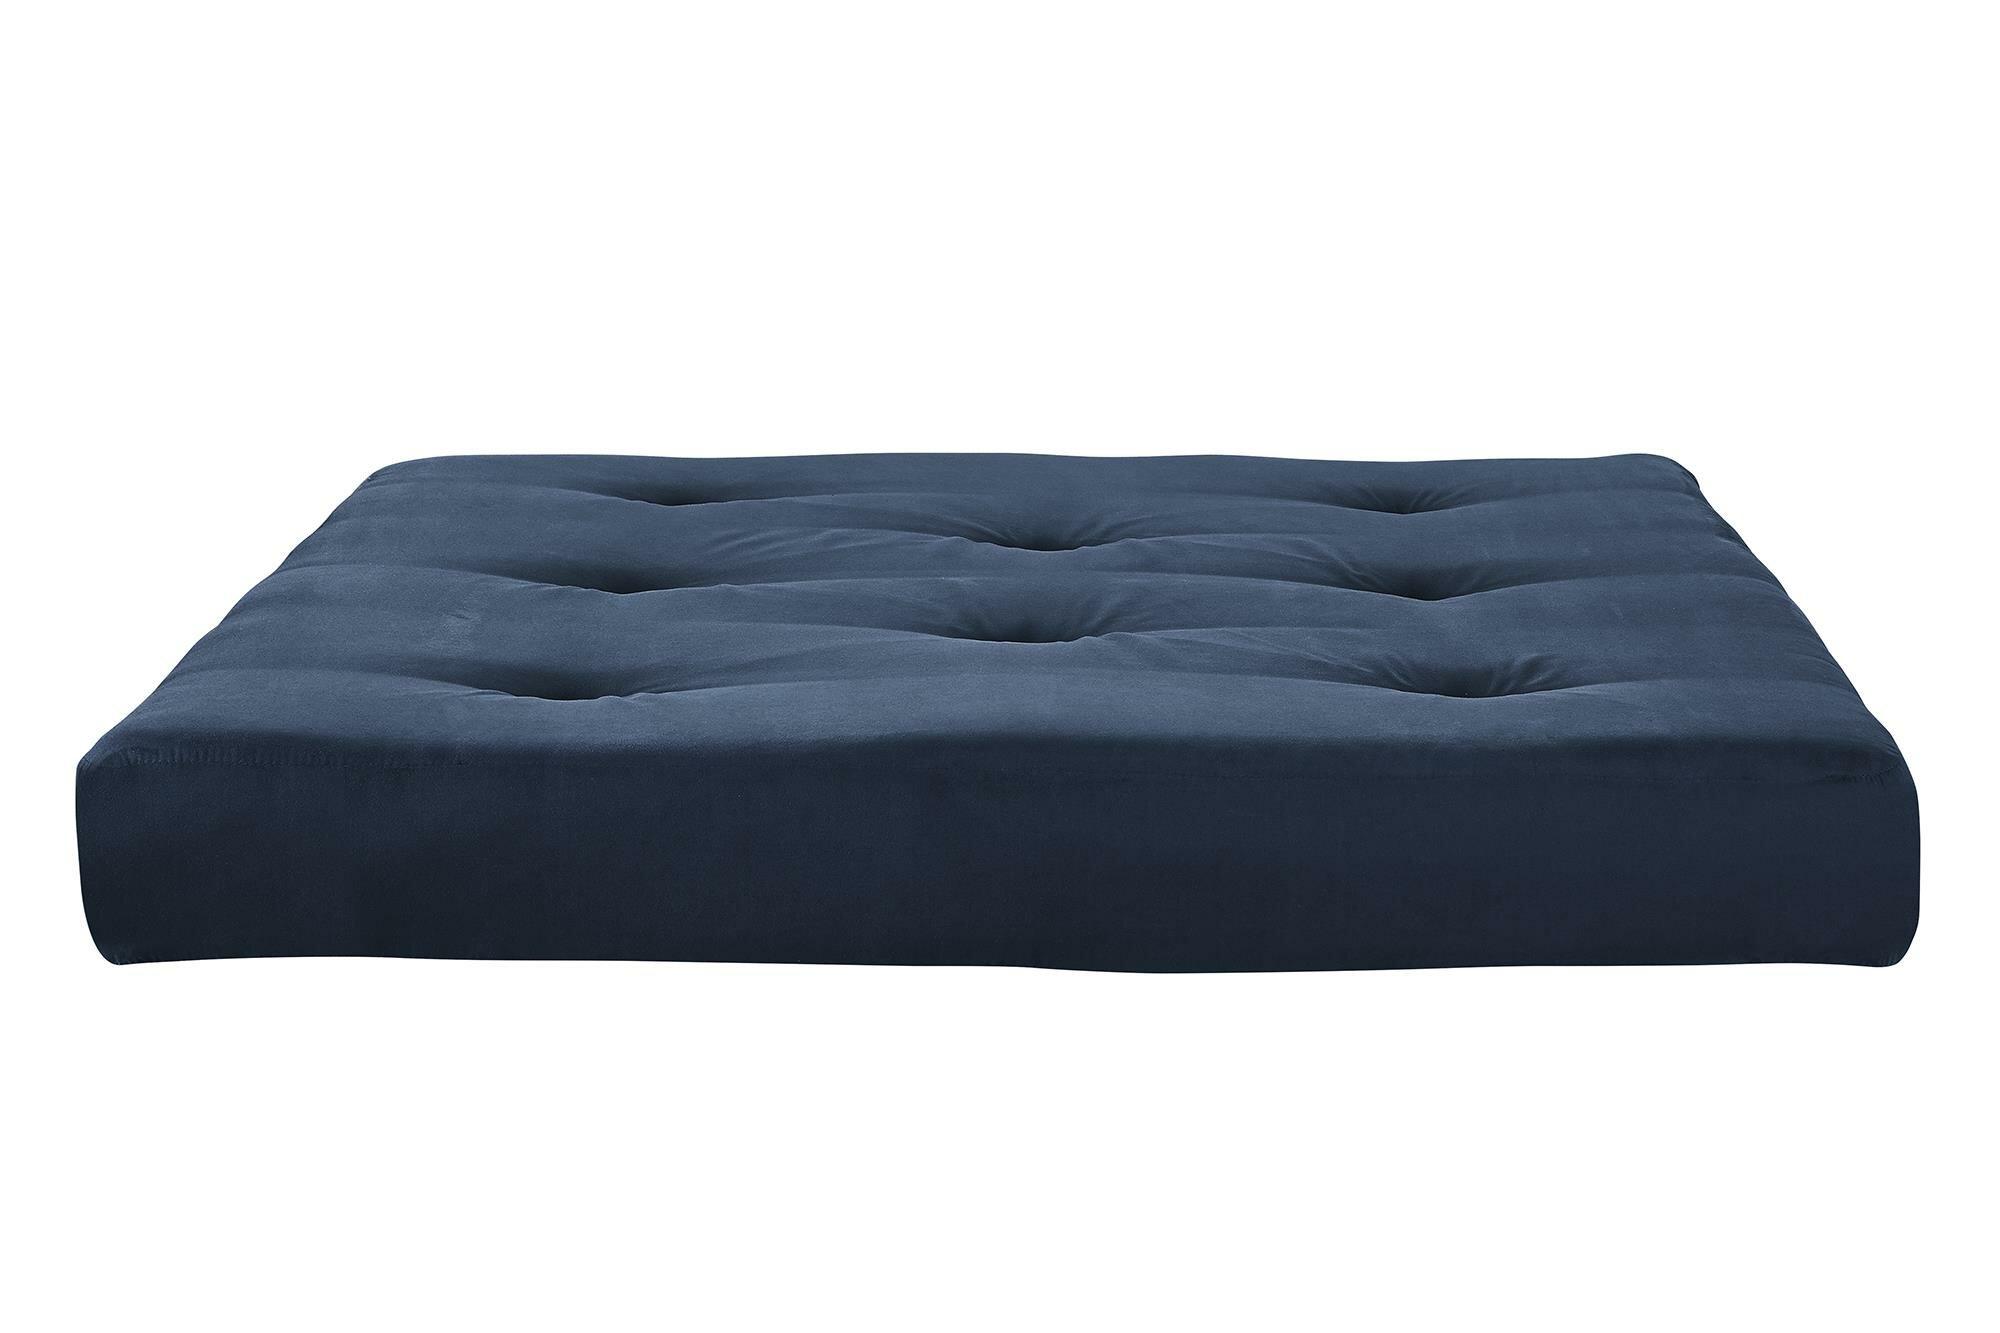 Alwyn home 6 coil full size futon mattress reviews wayfair